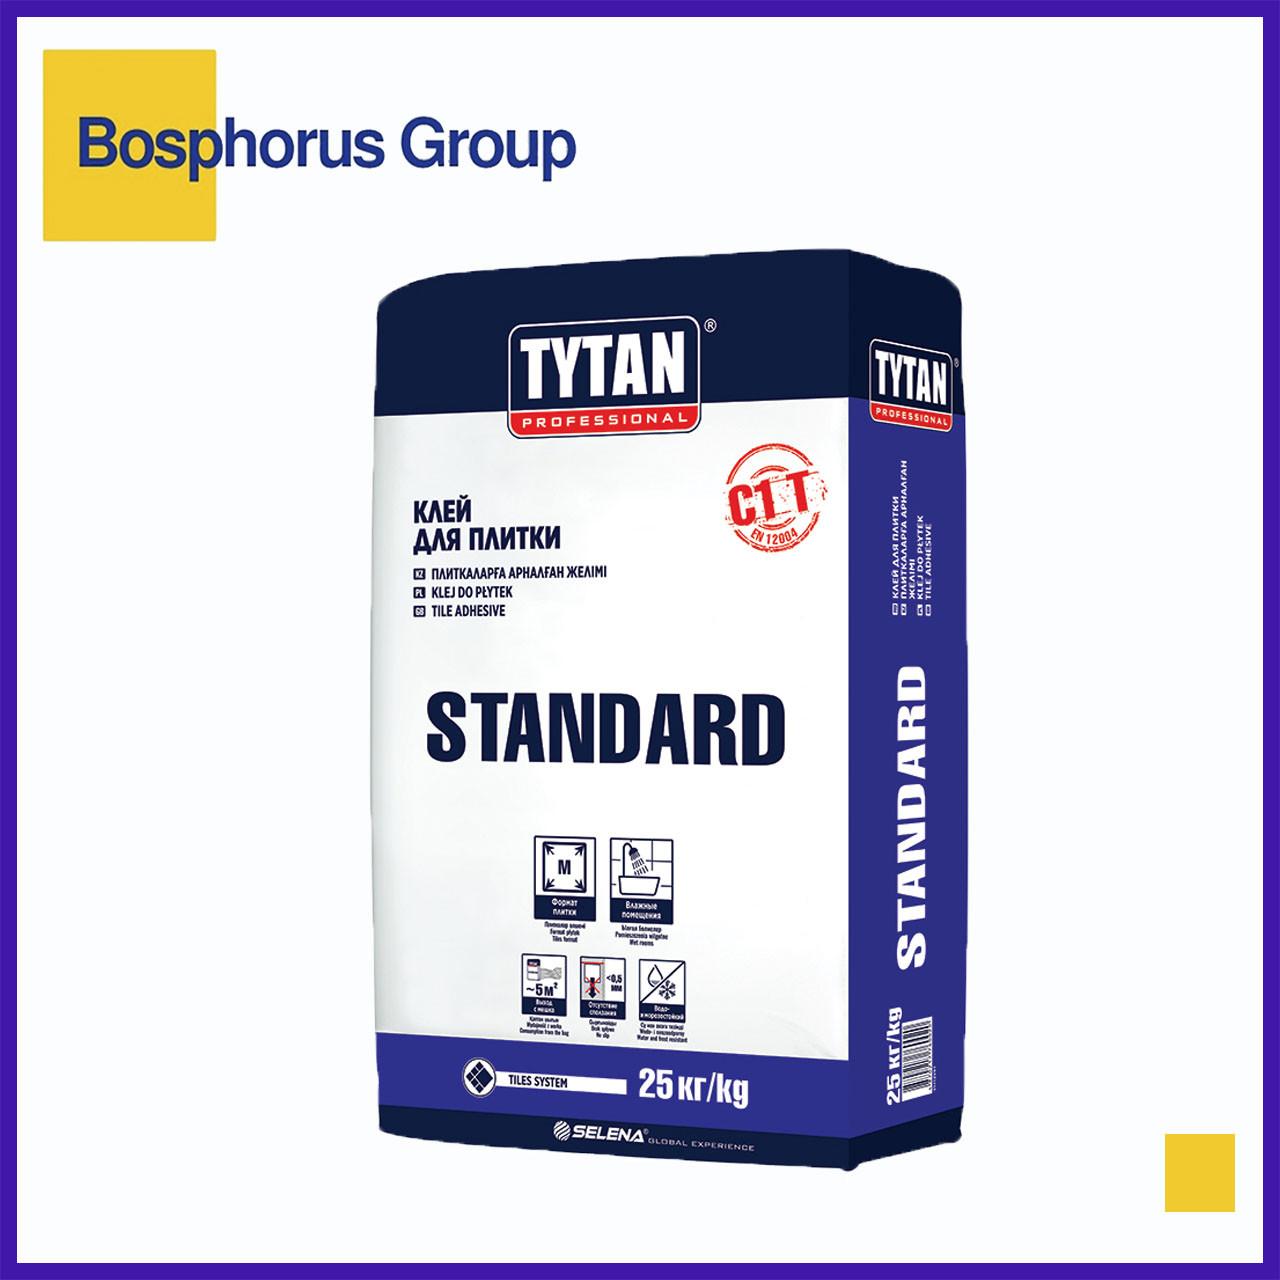 """Клей для плитки Tytan""""Standard"""", 25кг (для плиток размером <30x30 см)"""